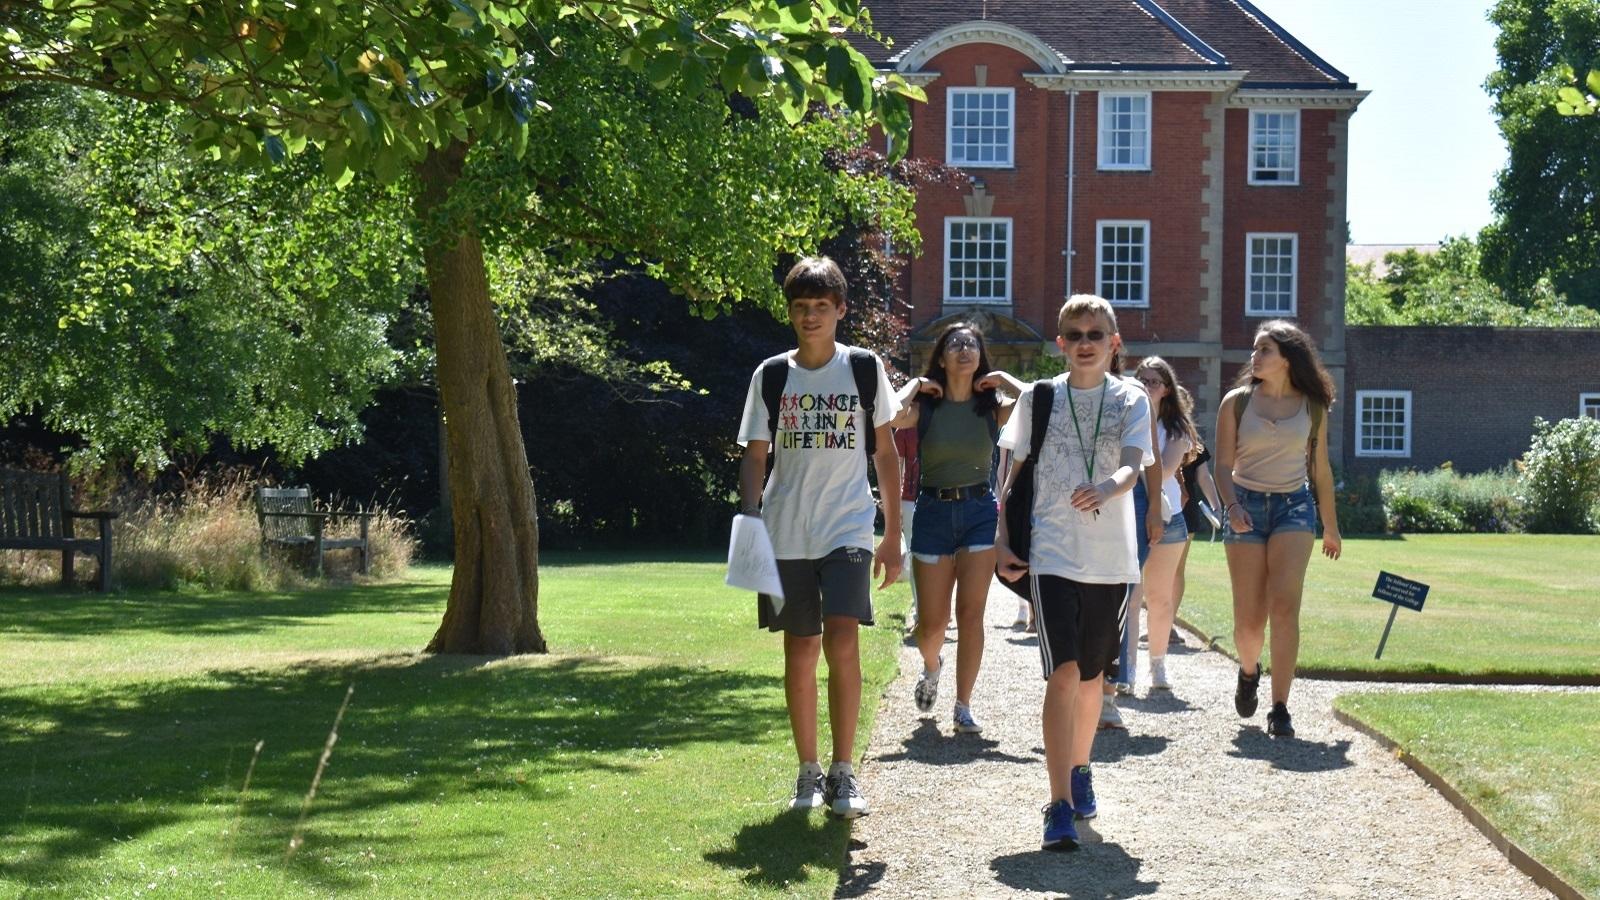 Красочные и продуктивные каникулы в Oxford University: академическая программа